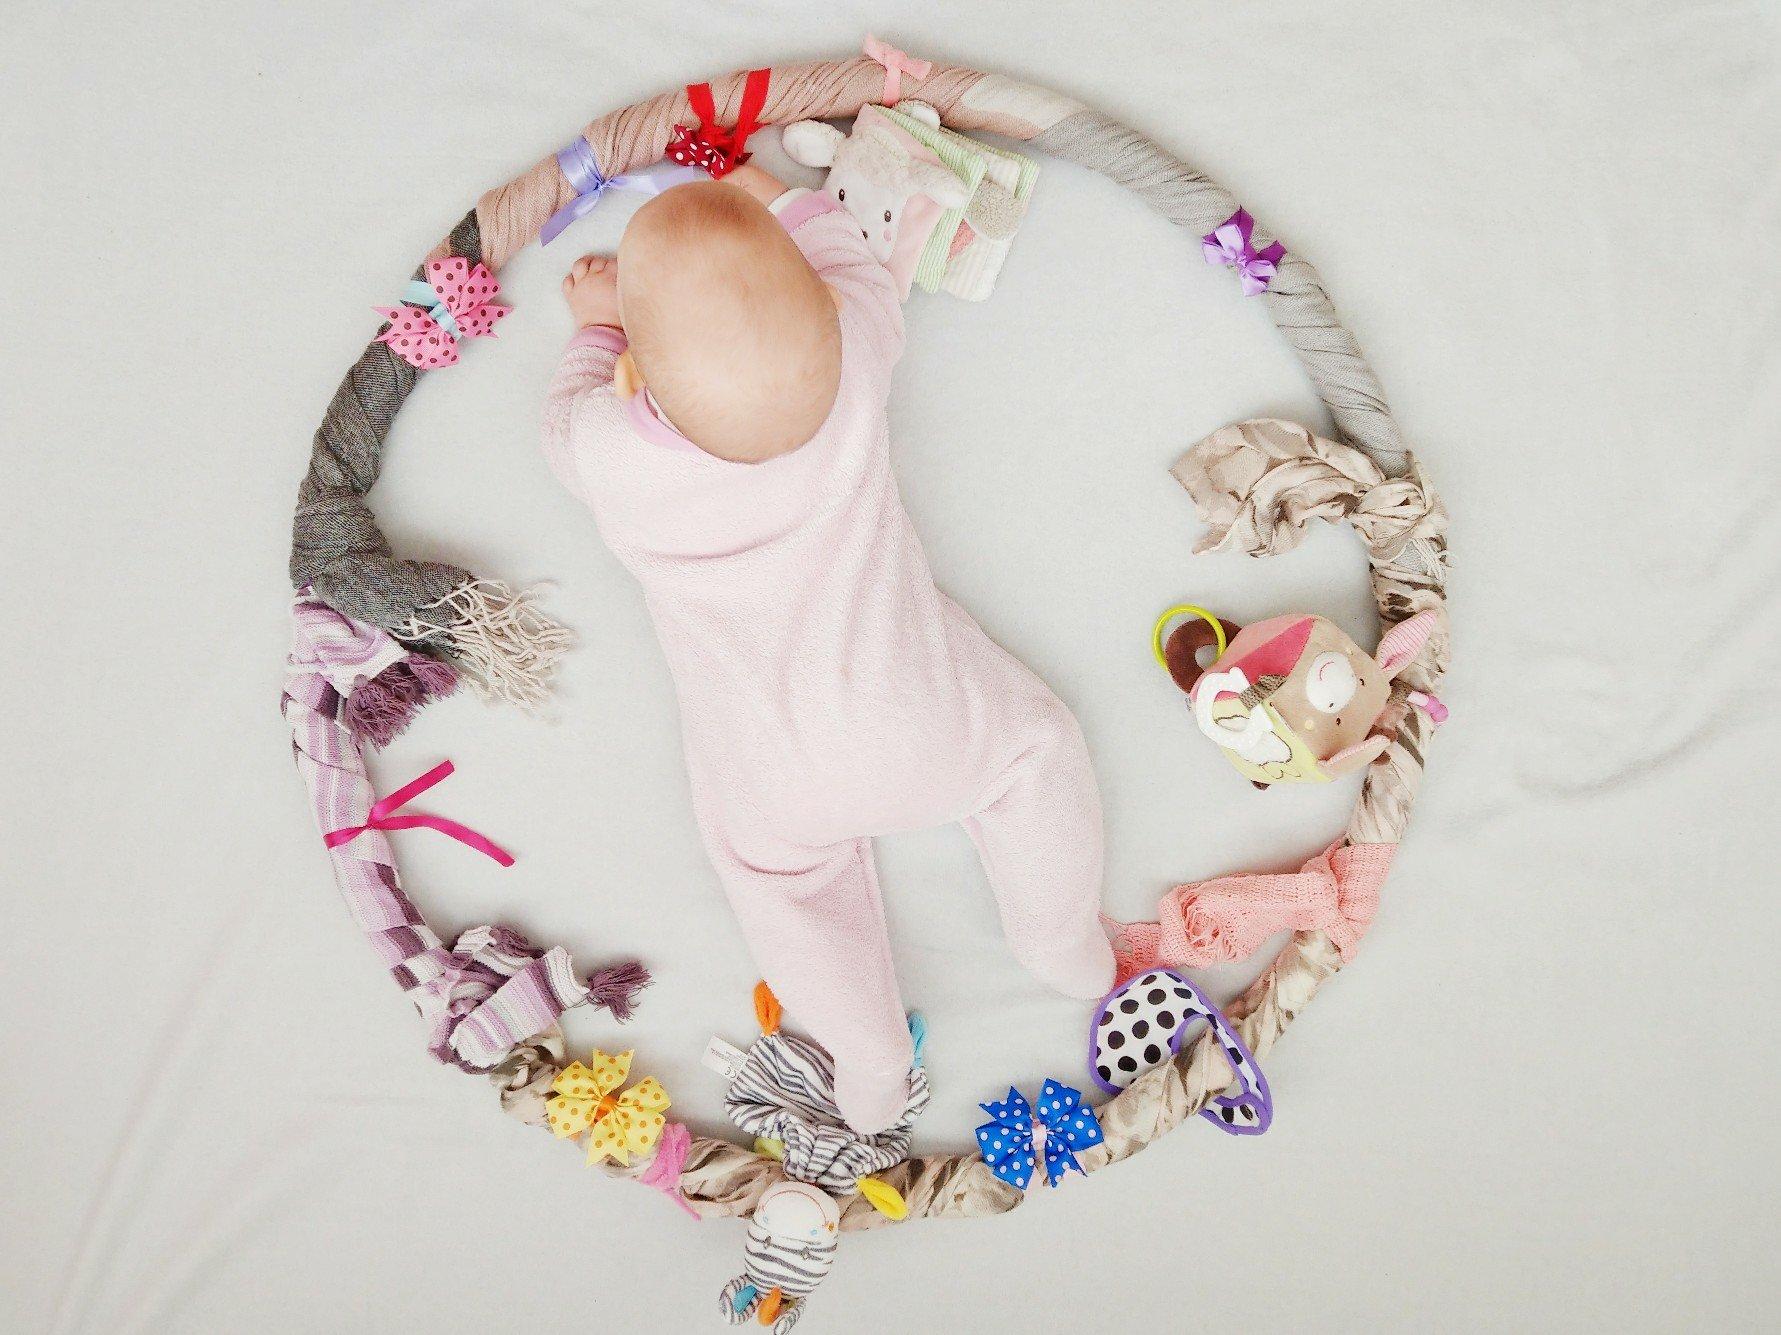 Sensorik-Hula-Hoop für das Baby – Beschäftigung, Lernen und Spielen in einem